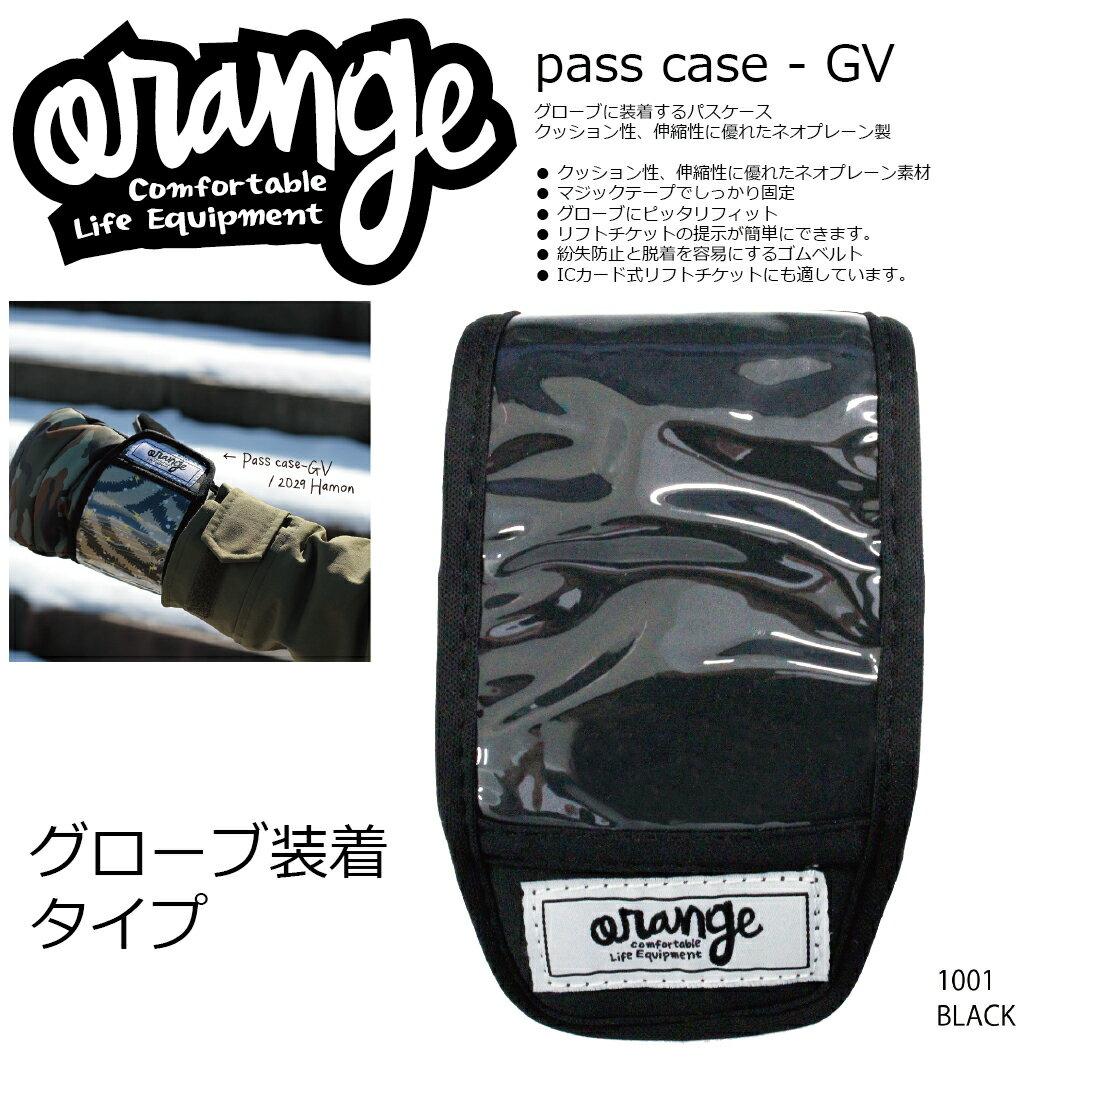 Oran'ge Pass-Case GV 1001 BLACK オレンジ パスケース ジーワイ グローブ装着タイプ ヨコ 2017 2017-18